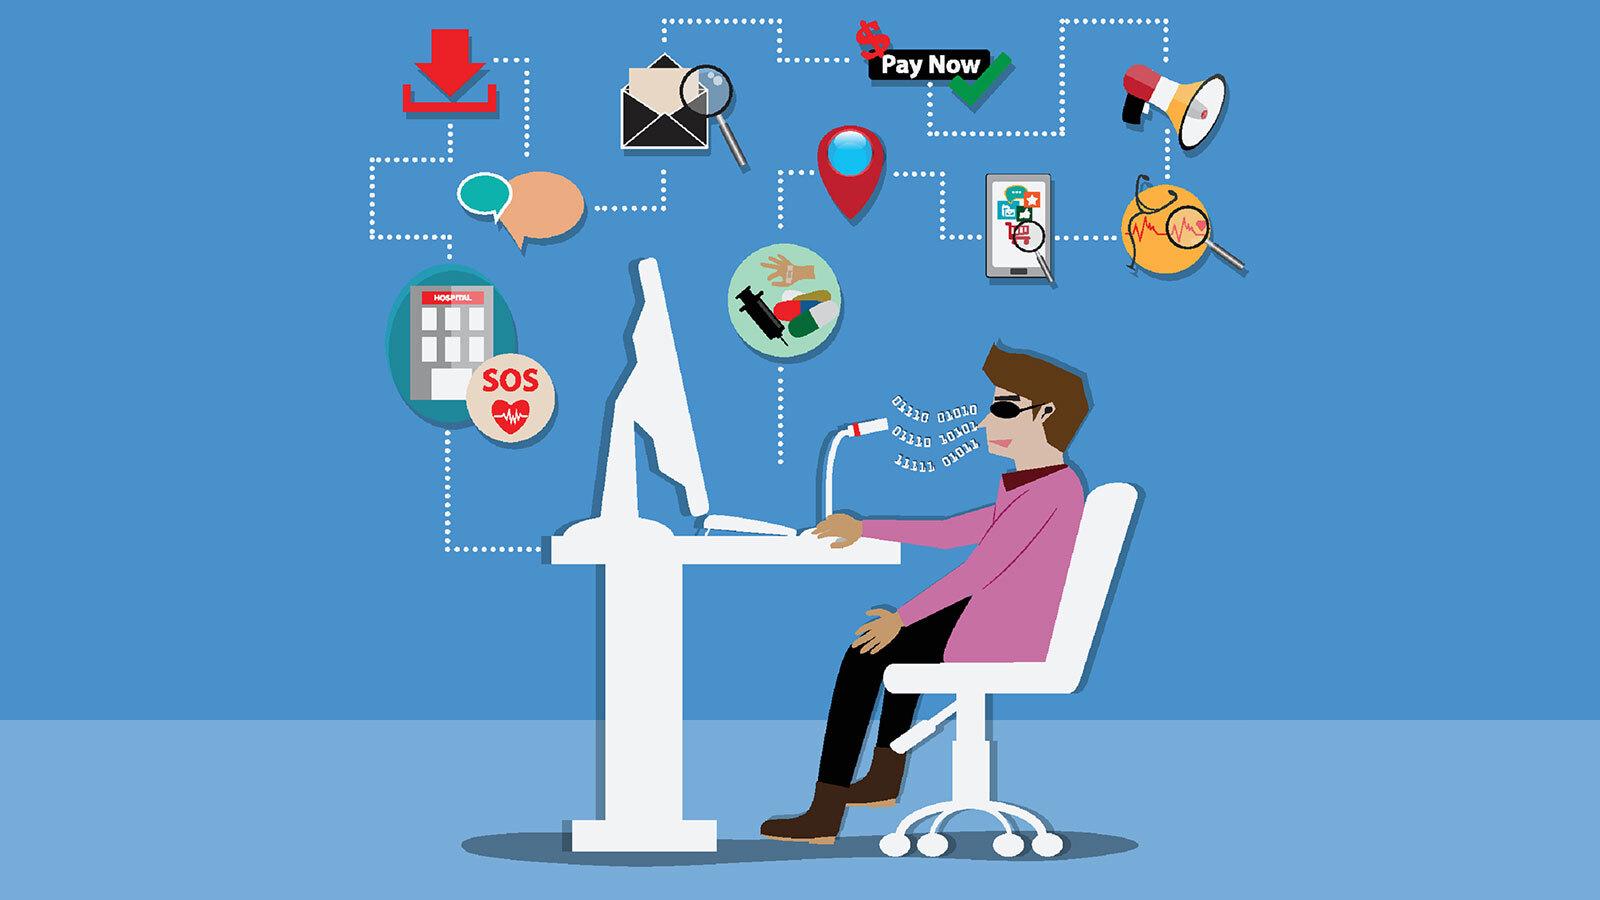 Strona internetowa urzędu - rysunek